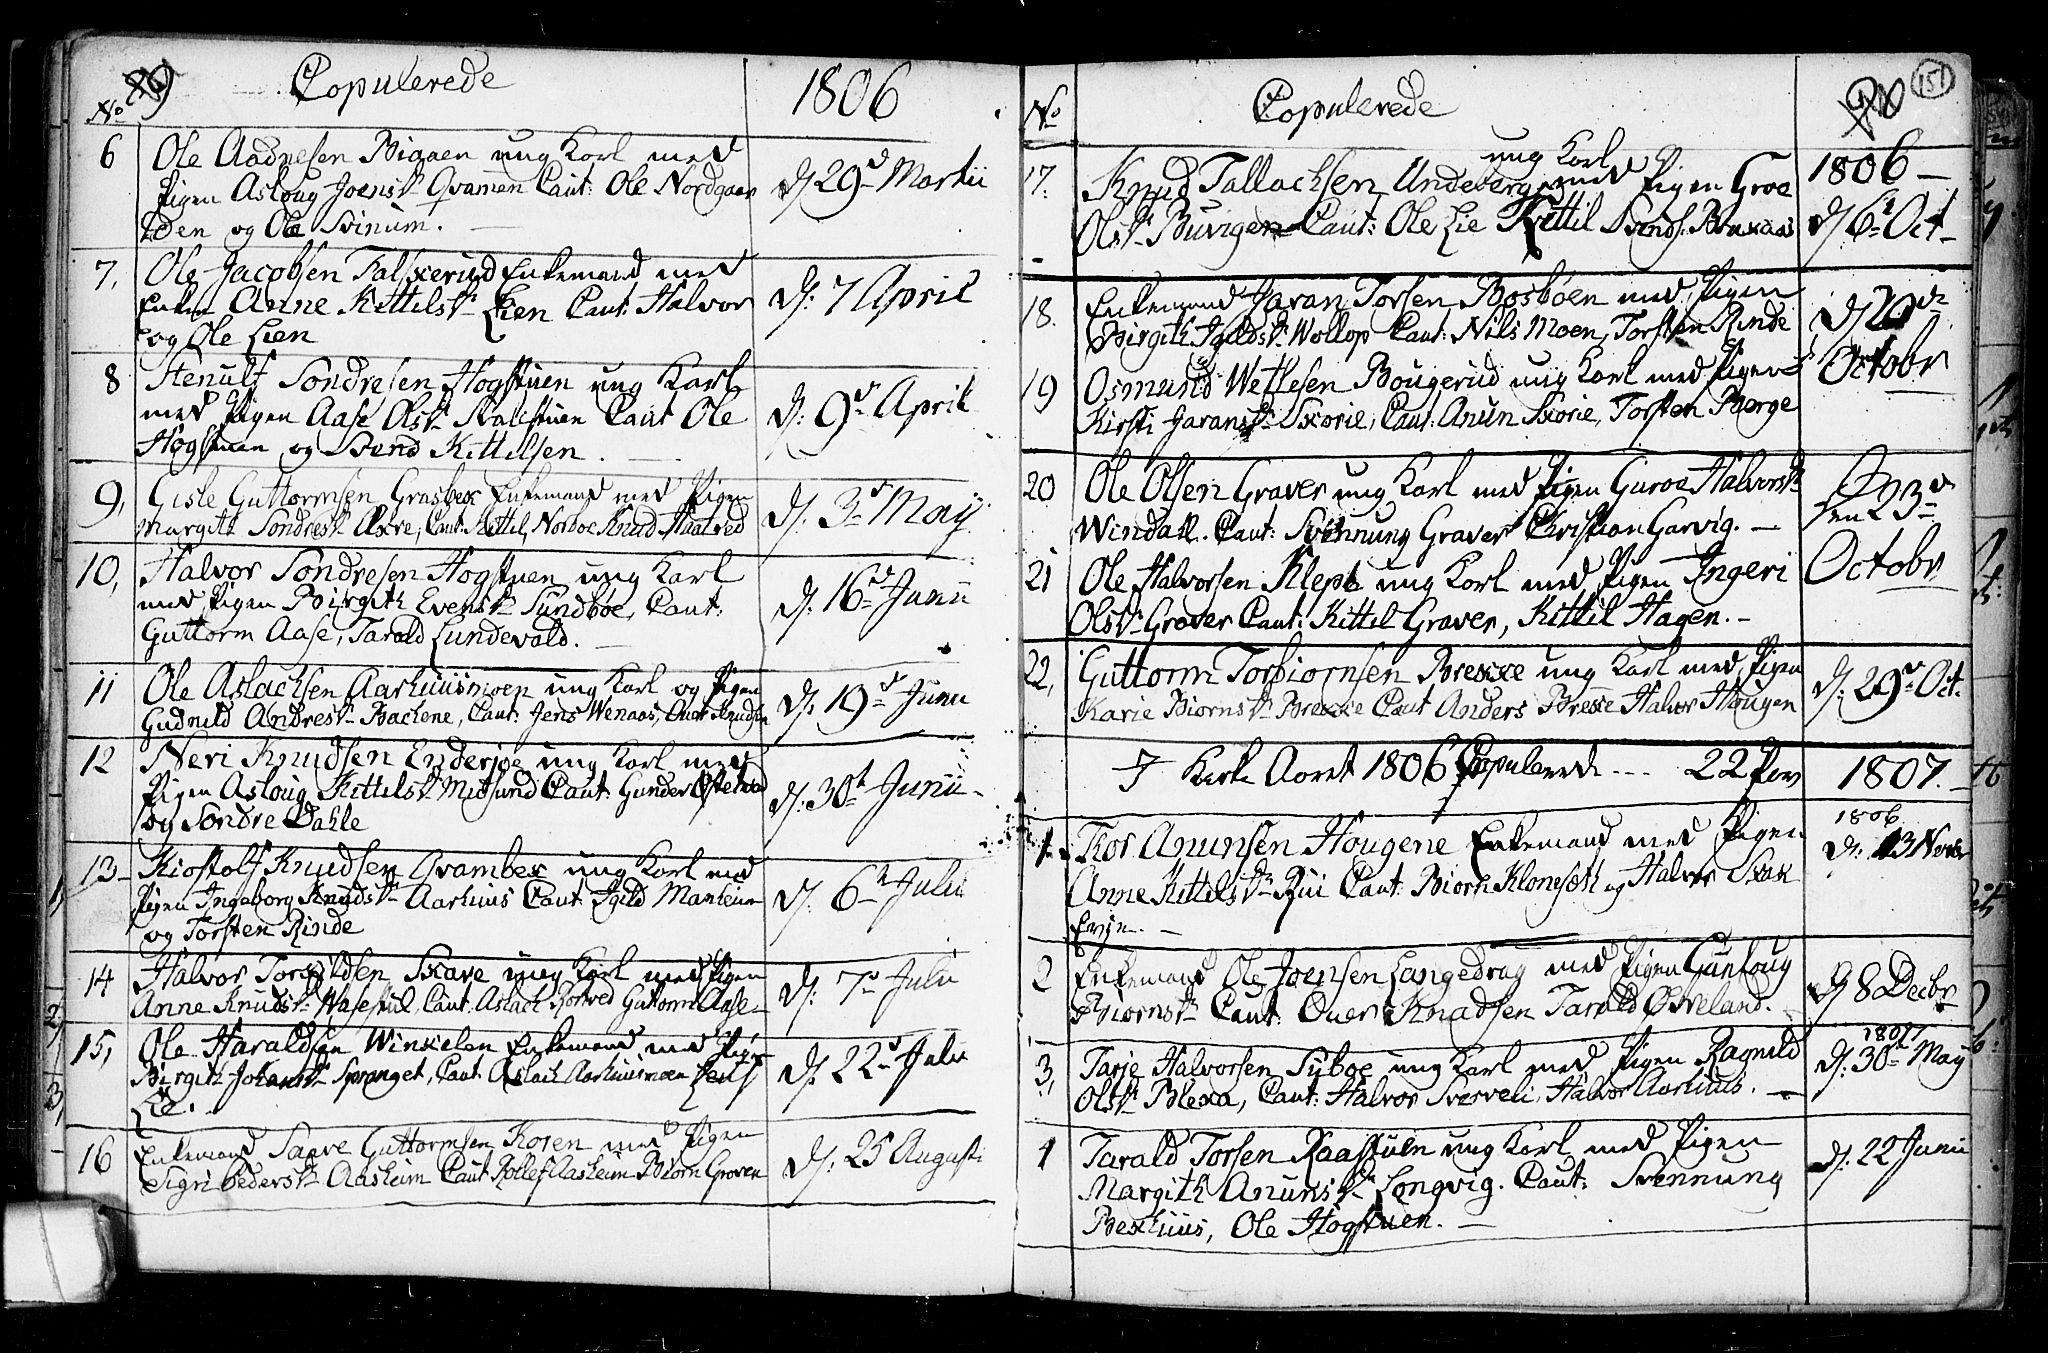 SAKO, Seljord kirkebøker, F/Fa/L0008: Ministerialbok nr. I 8, 1755-1814, s. 151